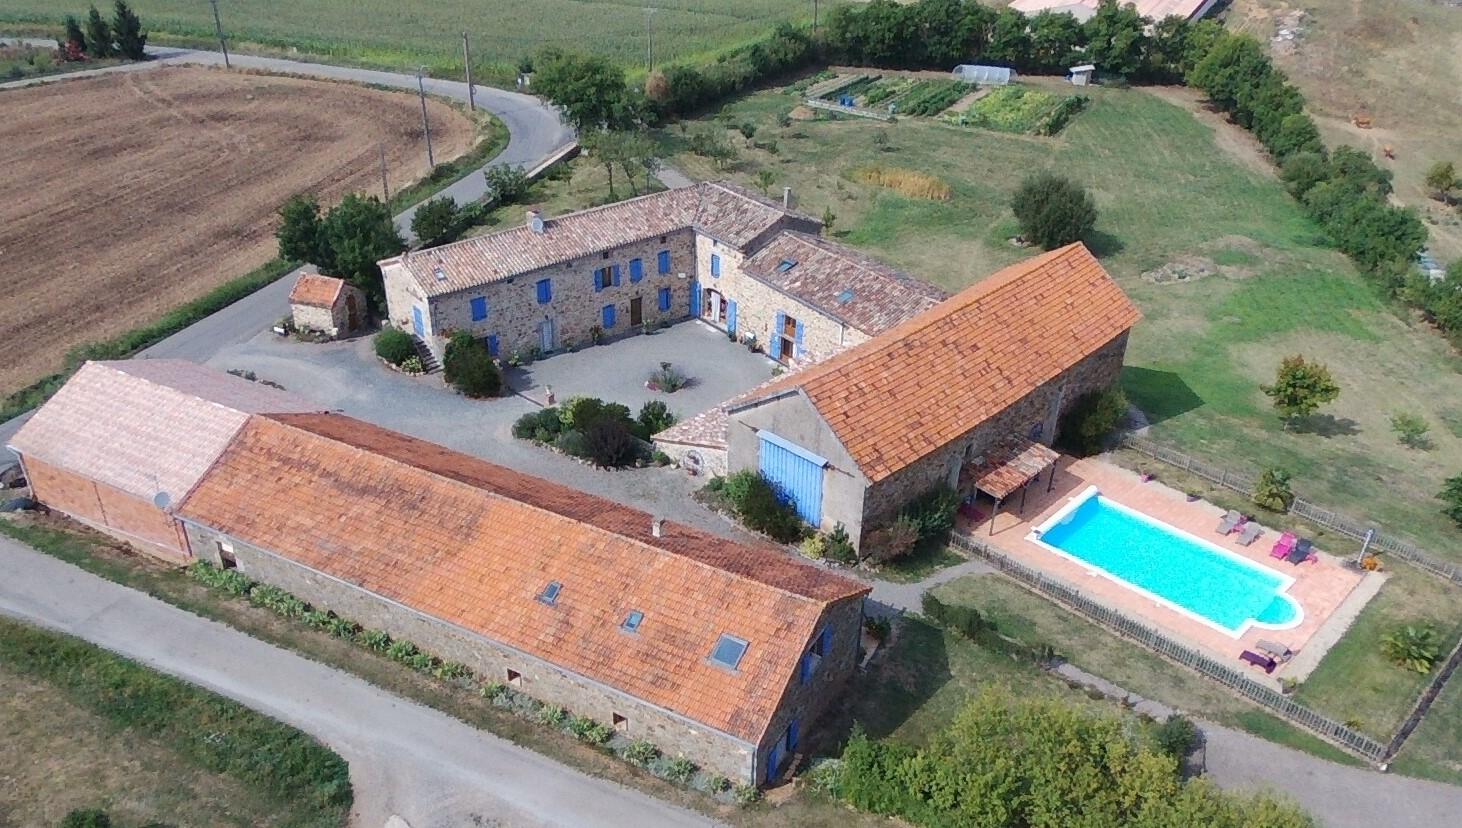 vue aérienne Gîtes et chambres d'hôtes Peyrecout, Tarn